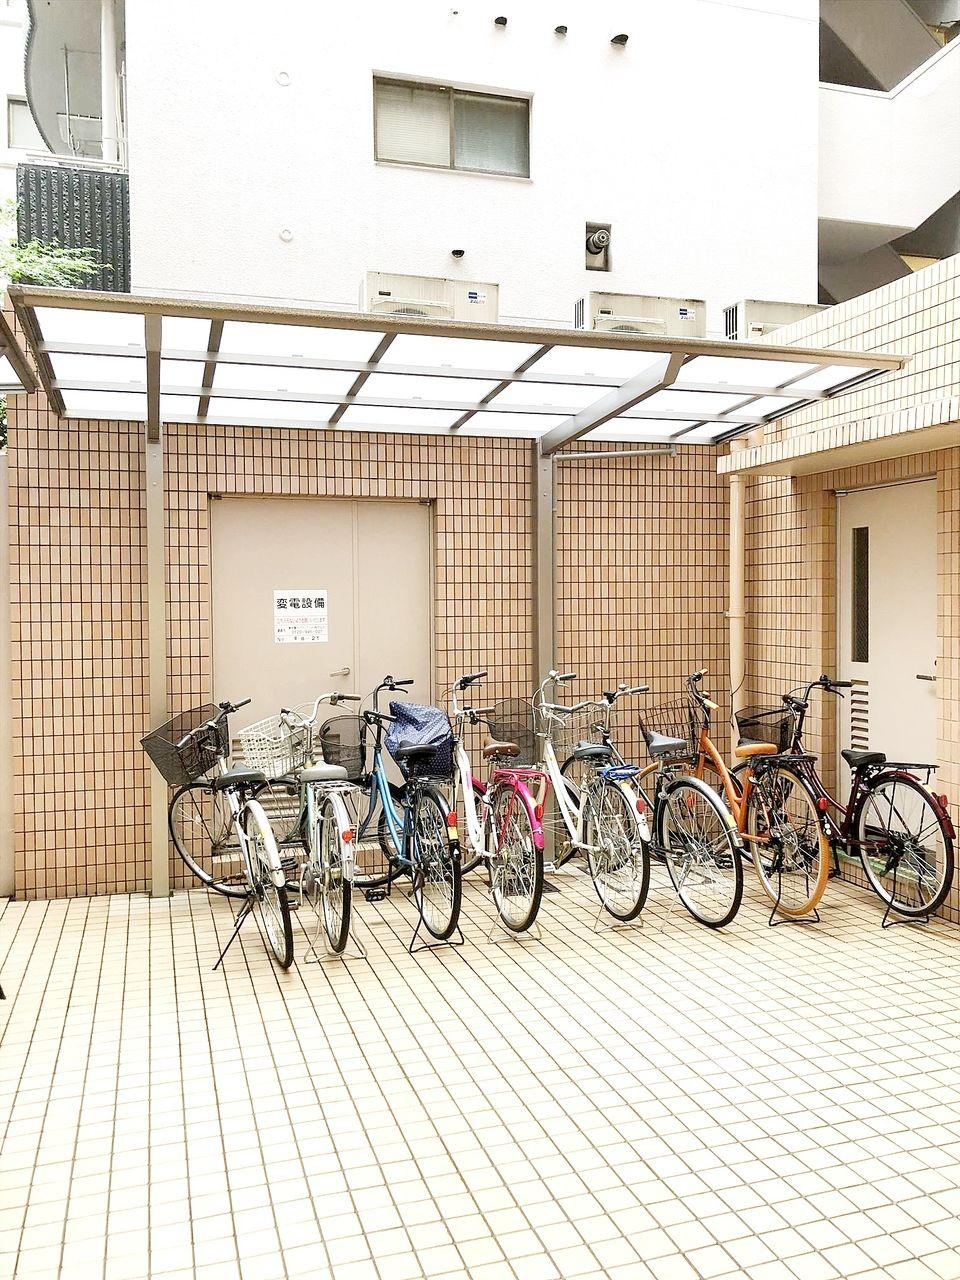 池袋の貸事務所 アゼリア青新ビルは自転車1台まで無料で駐輪できます。